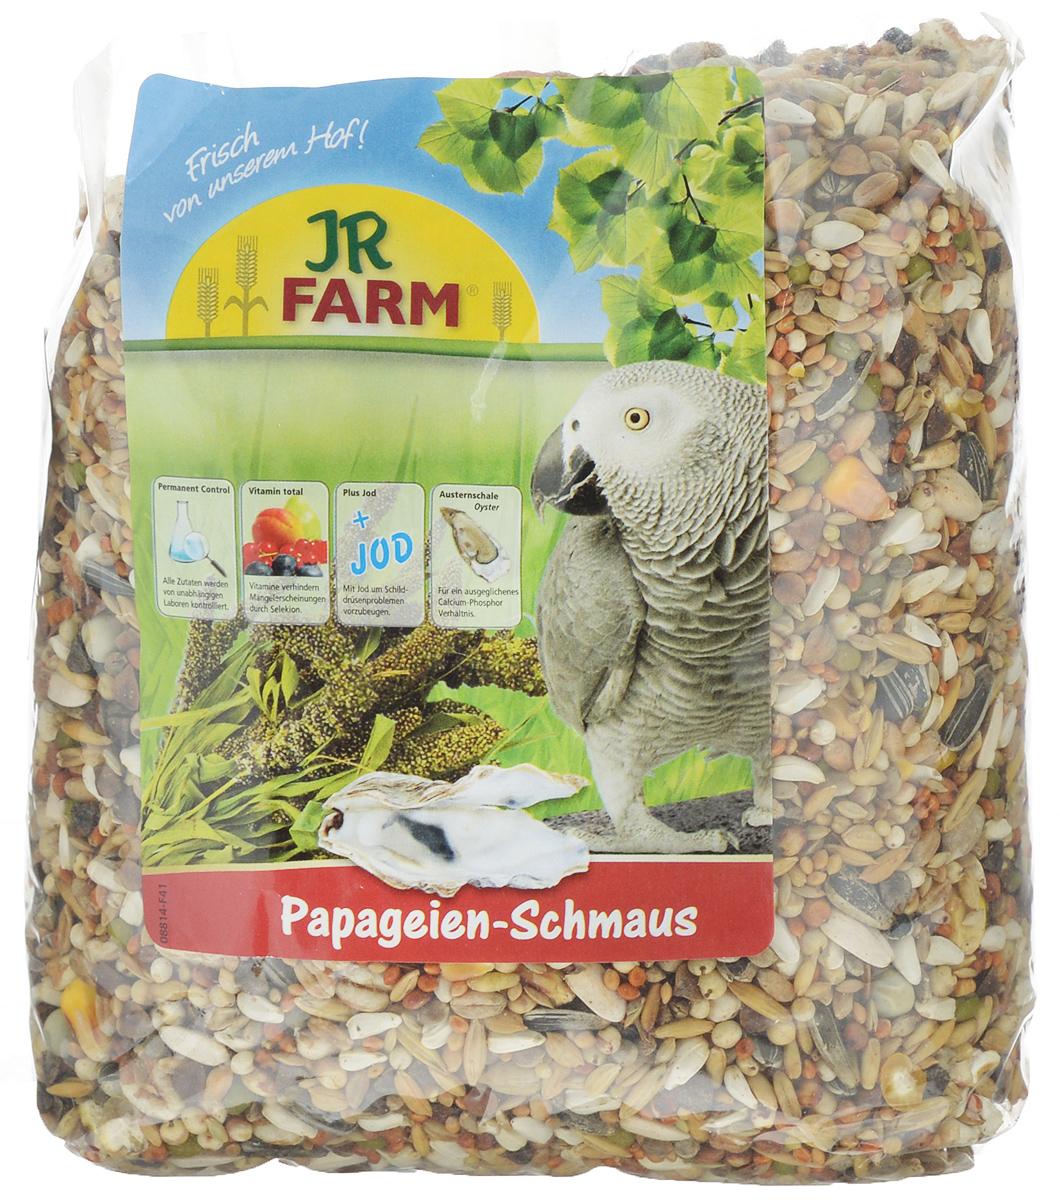 Корм для попугаев JR Farm Classic, 1 кг08400Корм JR Farm Classic - это полностью сбалансированный корм для попугаев. В состав добавлены раковины устриц для обеспечения кальций-фосфорного баланса, а также все необходимые витамины и микроэлементы. Все ингредиенты корма сбалансированы по содержанию витаминов и микроэлементов для поддержания отличного здоровья попугаев. Корм предназначен для всех африканских серых попугаев, амазонских попугаев, какаду, неразлучников и других попугаев. Рекомендации по кормлению: ежедневно насыпайте корм в количестве 5% от массы тела птицы. Состав: кардиган, сорго обыкновенное, полосатые семена подсолнечника, Манна просо, канареечное семя, Ла Плат просо, зерно, гречневая крупа, Мило, пшеница, рис Пэдди, плющеный овес, семя конопли, бобы, белые семена подсолнечника, овес неочищенный, горох, шиповник, раковины устрицы (2%), воздушная пшеница, тыквенные семена.Основной анализ: белки 13,8 %, жиры 13,3 %, клетчатка 5,9 %, зола 4,5 %, влажность 10,3 %, кальций 0,9 %, фосфор 0,5 %. Содержание витаминов на кг: витамин А 8000 МЕ, витамин D3 1000 МЕ, витамин E 25 мг, медь на 10 мг (II) сульфат, йод 0,4 мг. Без искусственных красителей и консервантов. Товар сертифицирован.